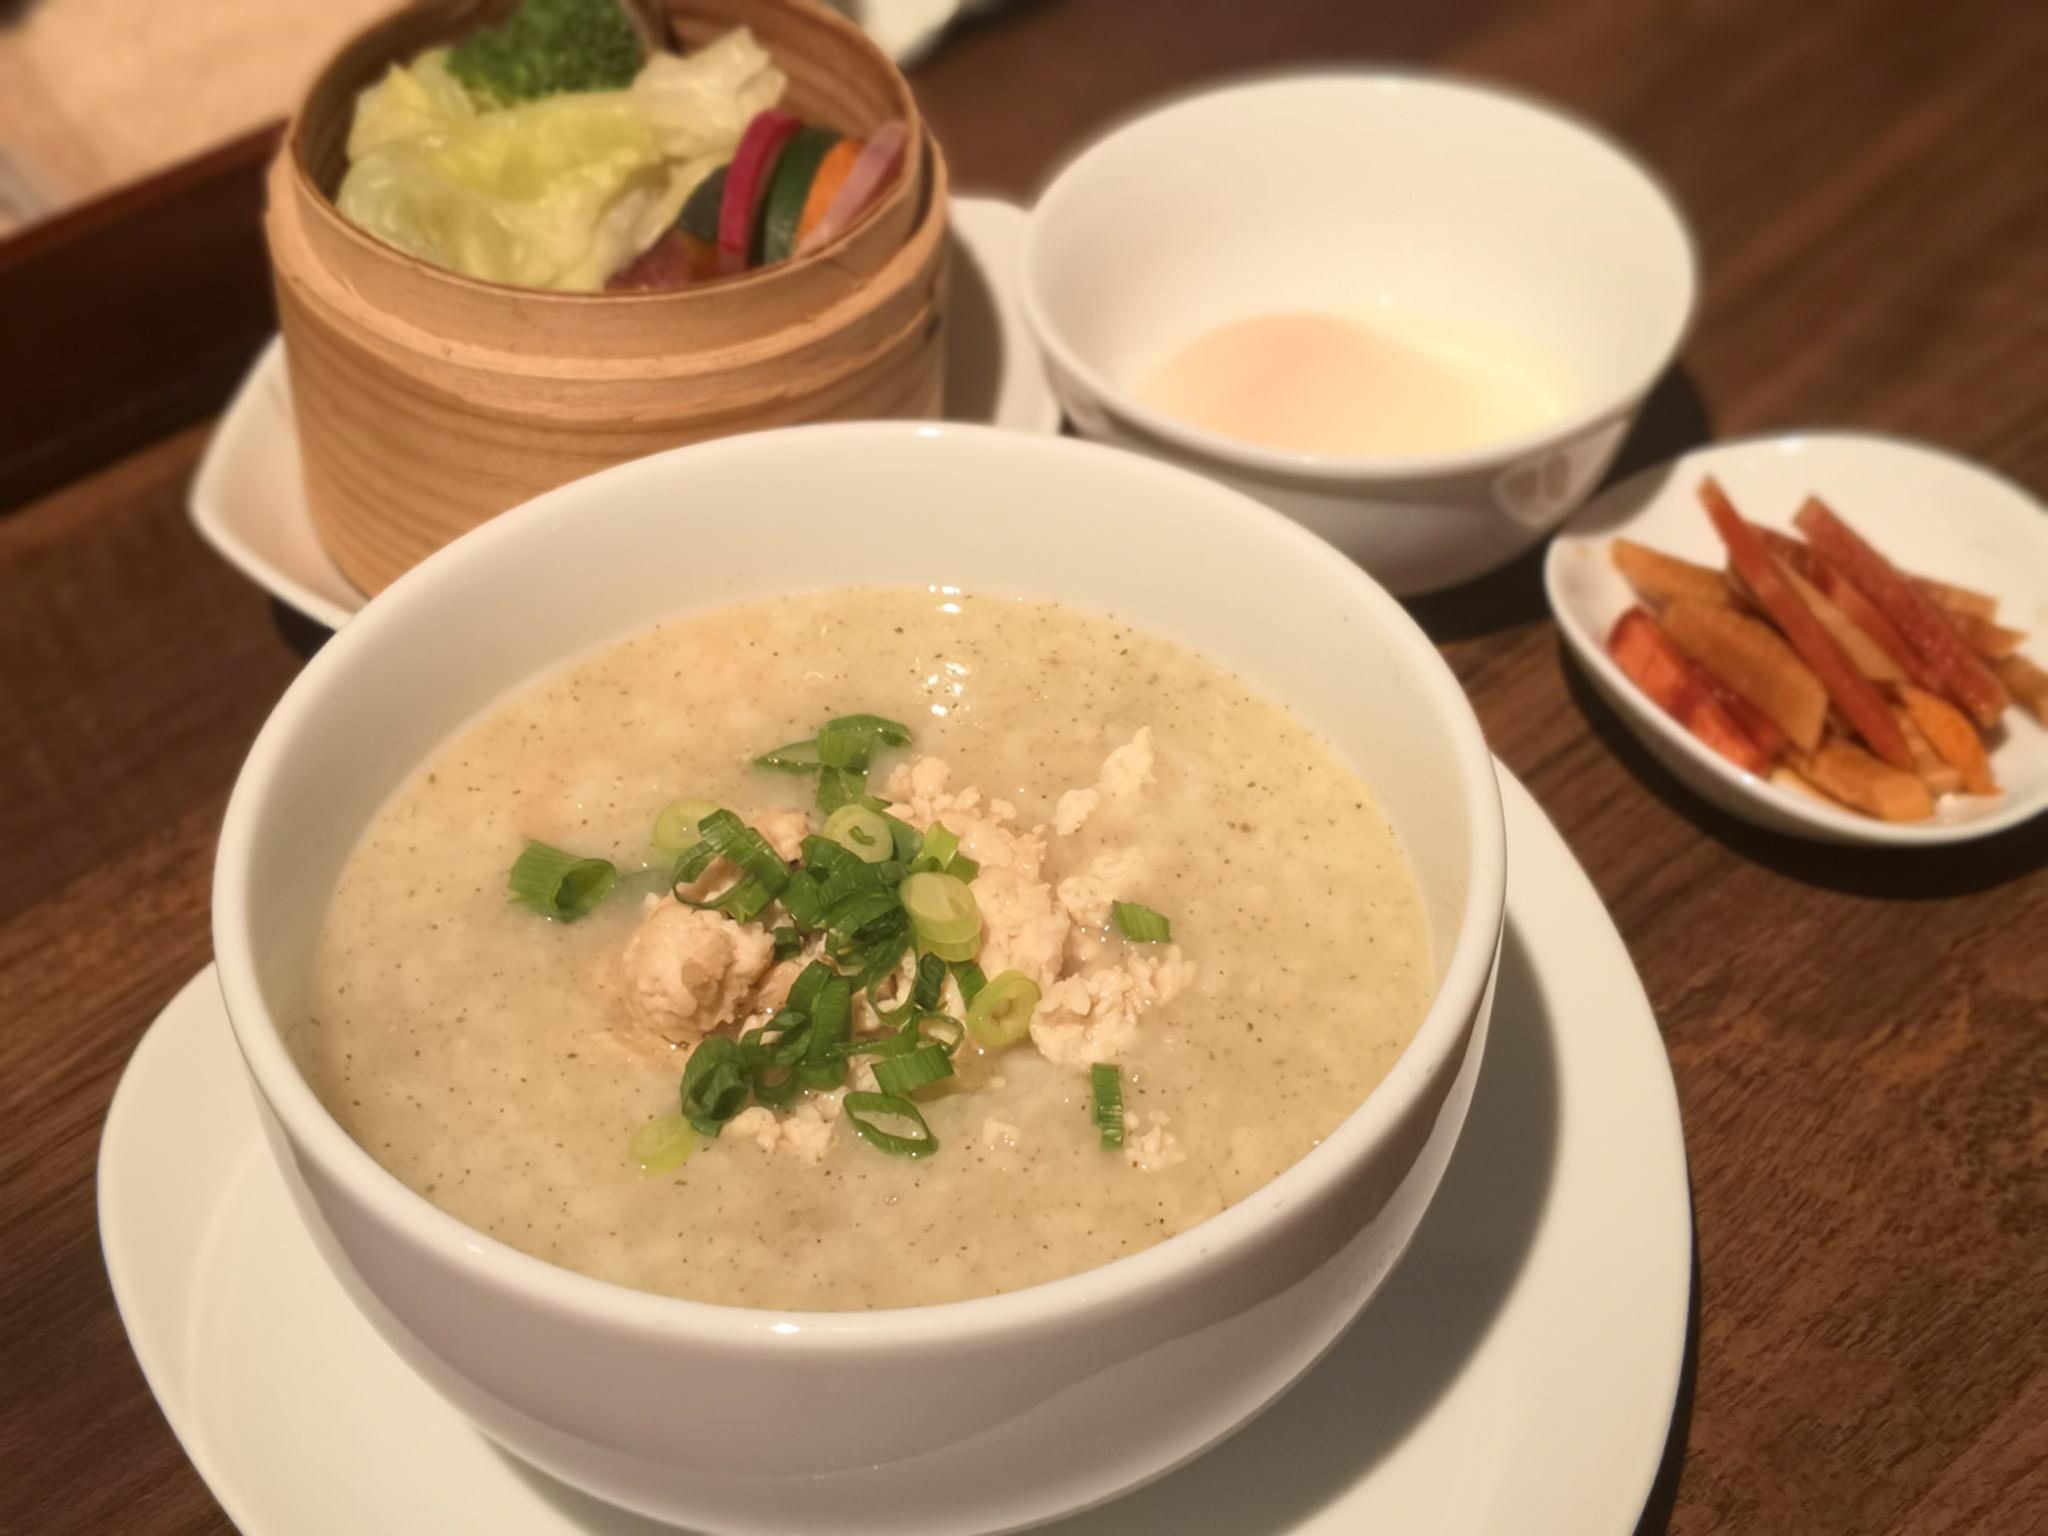 【恵比寿】茶菜CAFE 謝謝@女性が喜ぶ、ヘルシーで体に優しいランチ。